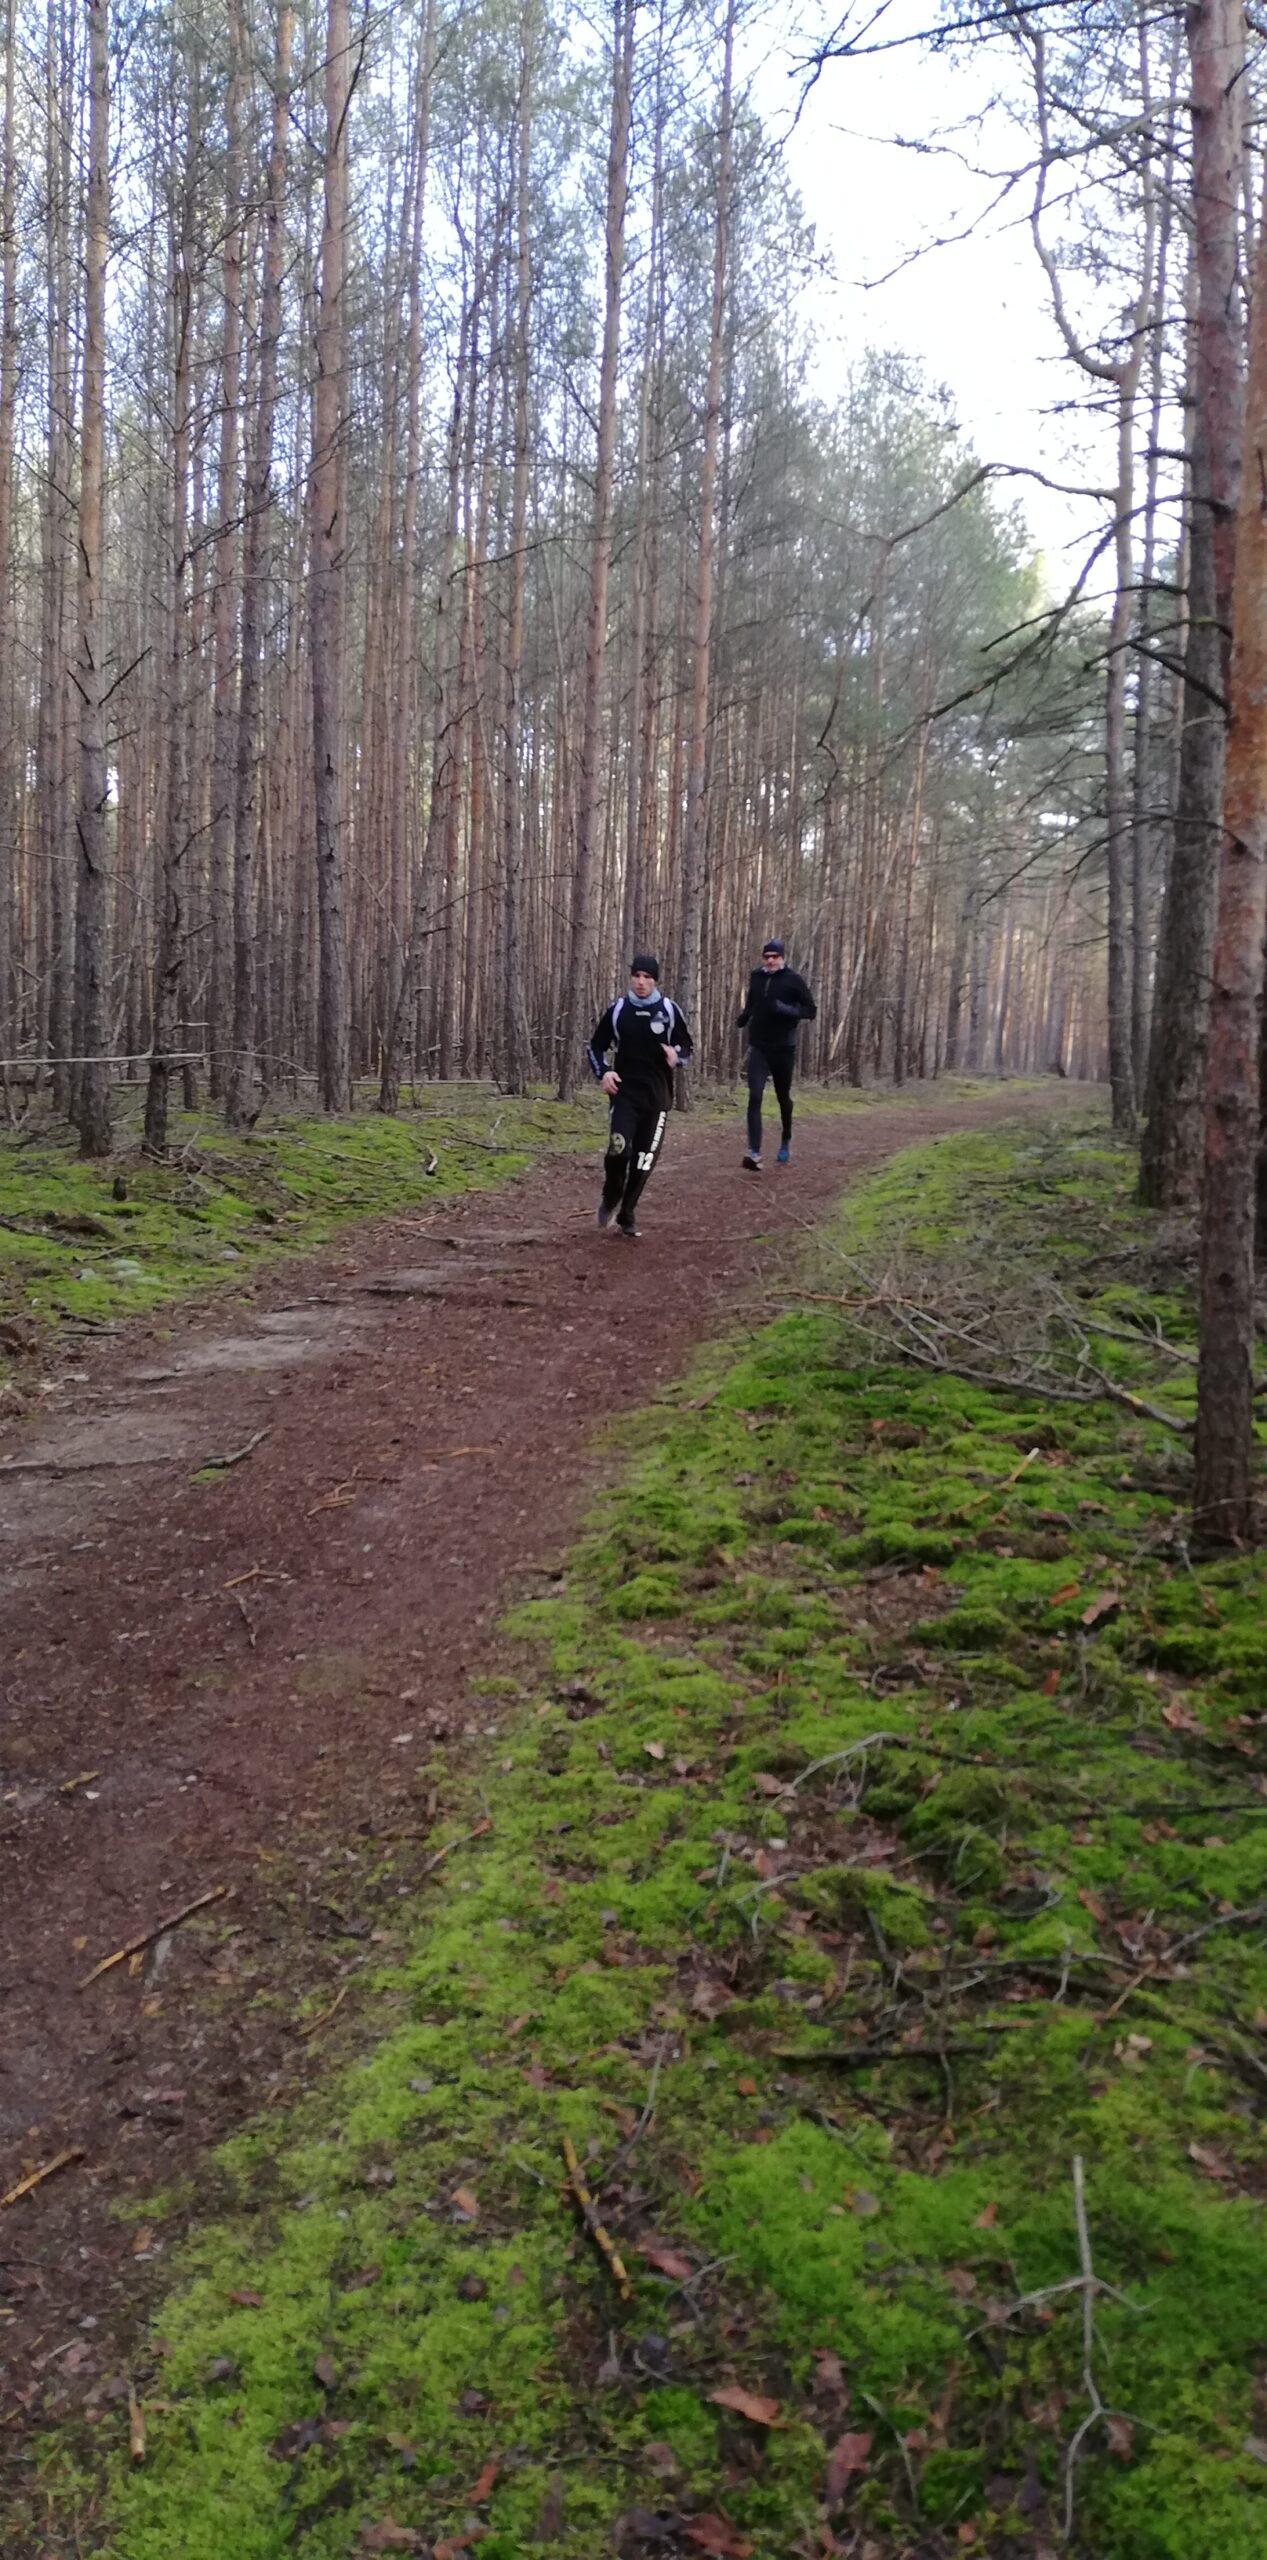 Neujahrslauf 2020 - 2 Läufer im Wald